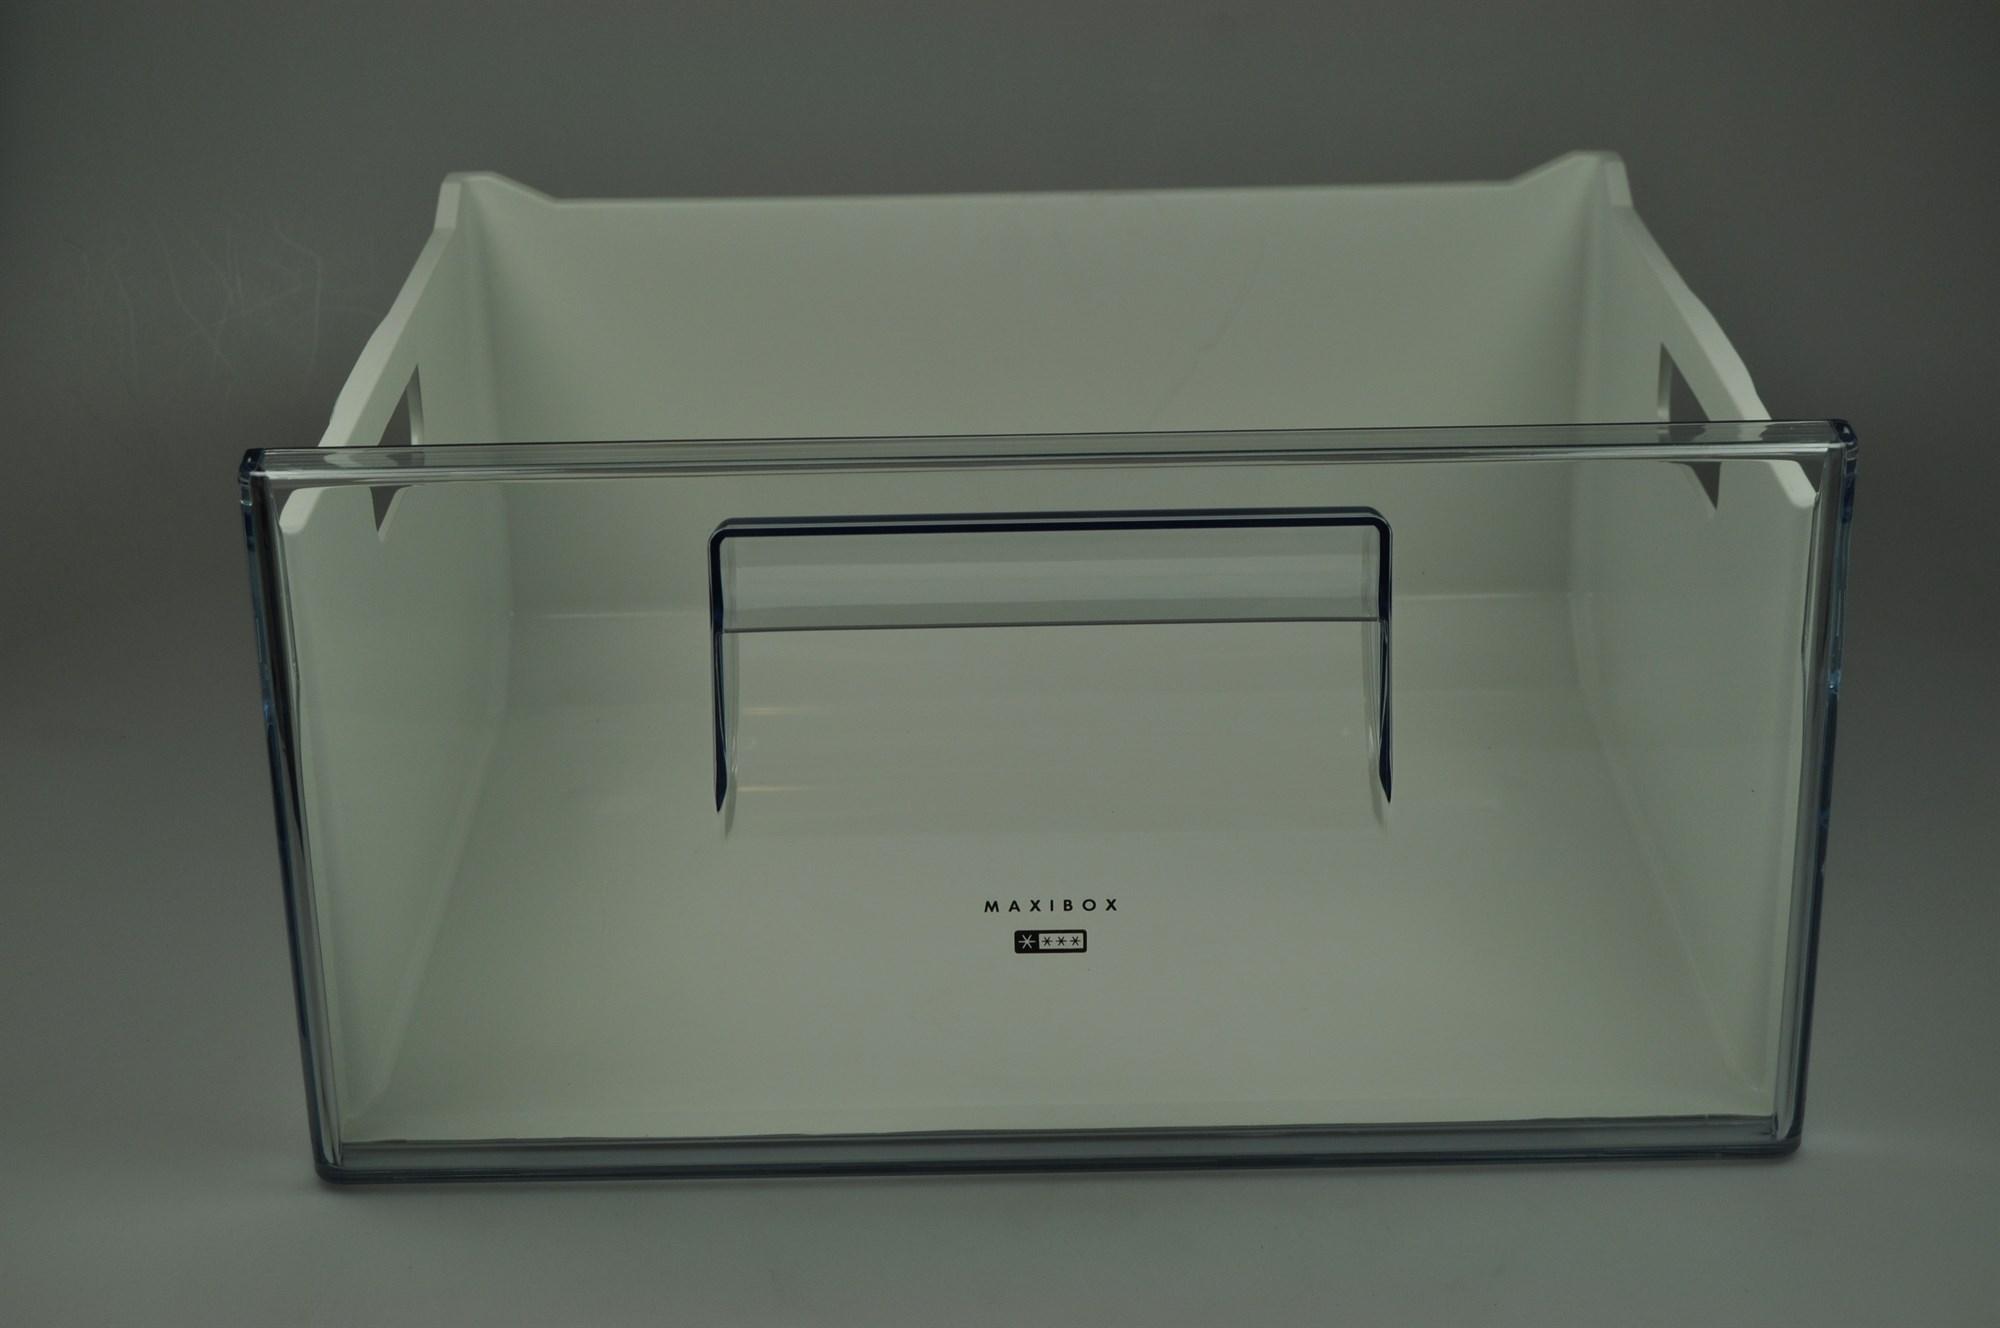 Aeg Kühlschrank Ersatzteile Schublade : Gefrierschublade aeg electrolux kühl gefrierschrank mitte